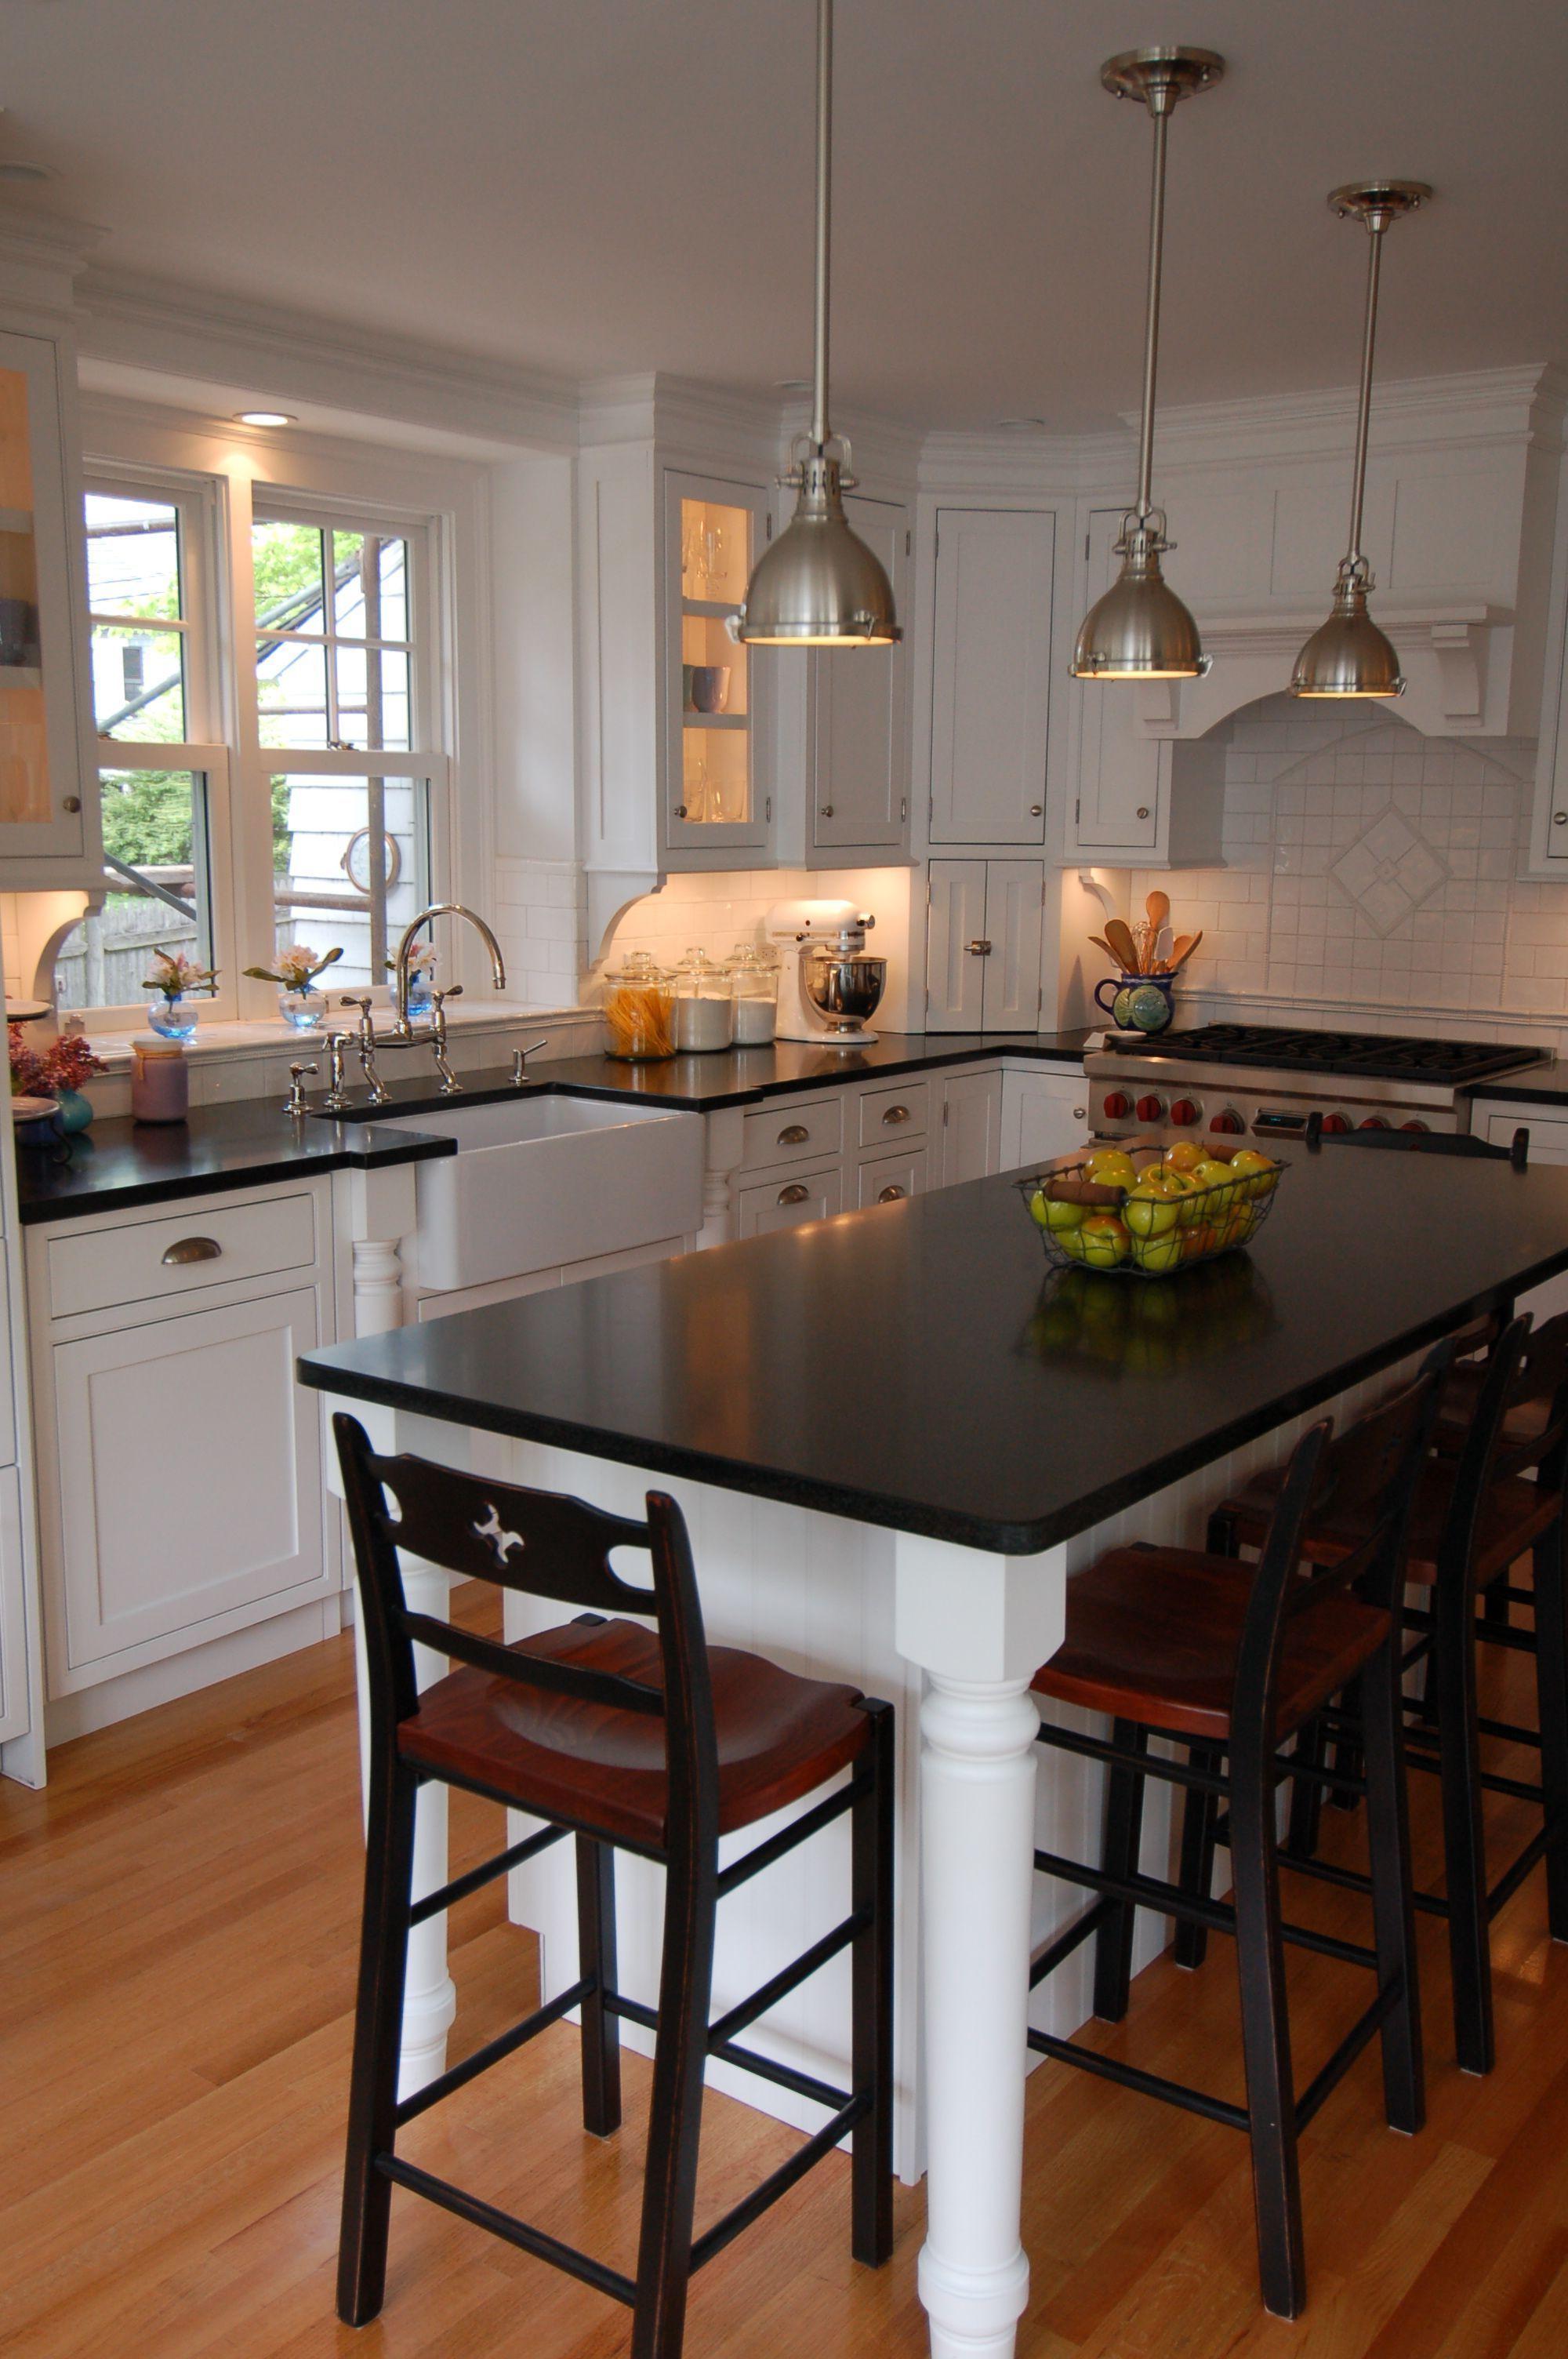 30 unique kitchen island designs kitchen design kitchen remodel kitchen design diy on kitchen ideas with island id=78547